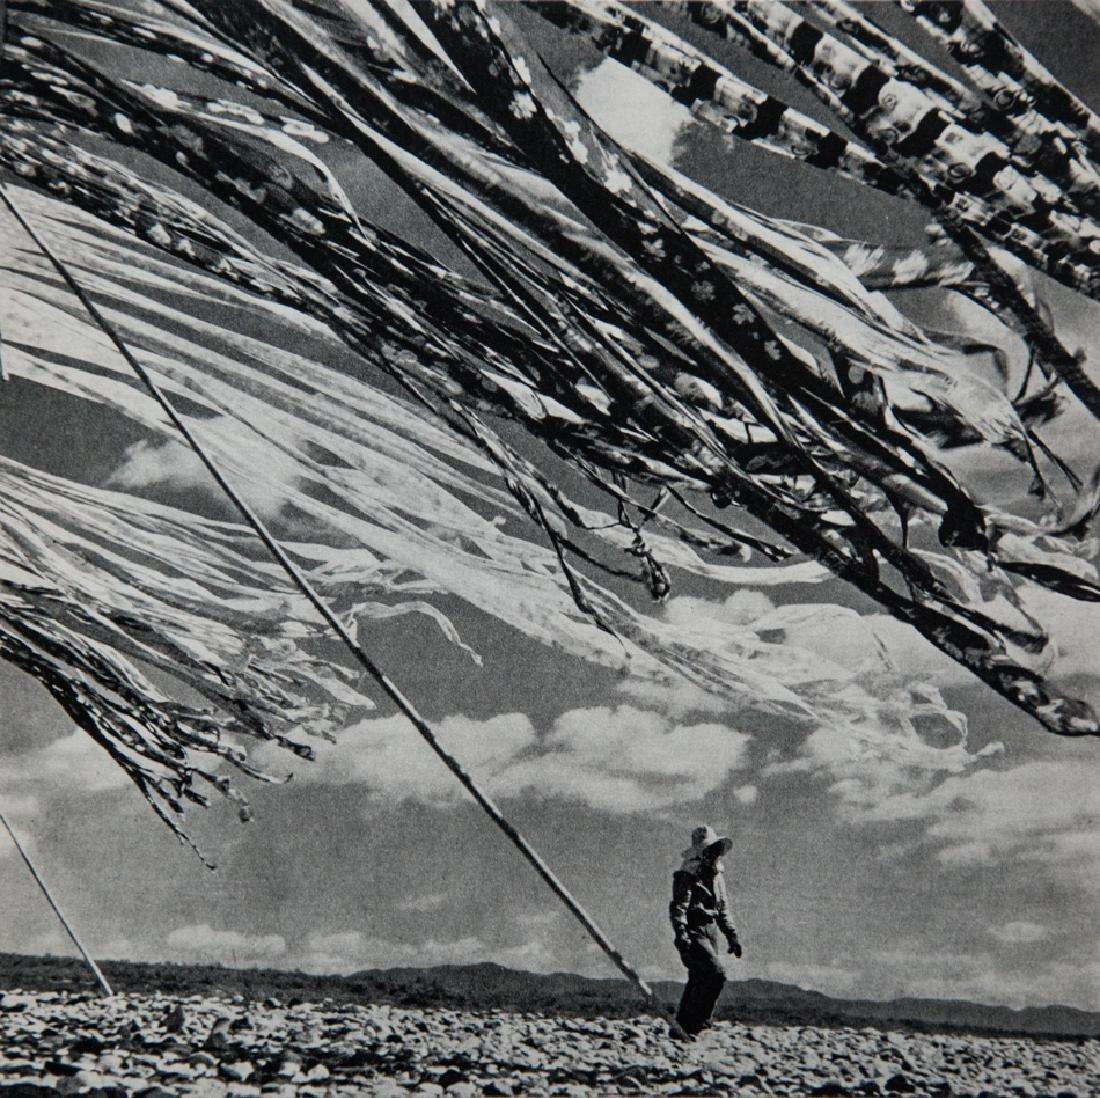 WERNER BISCHOF - Drying Silk, Japan, 1952